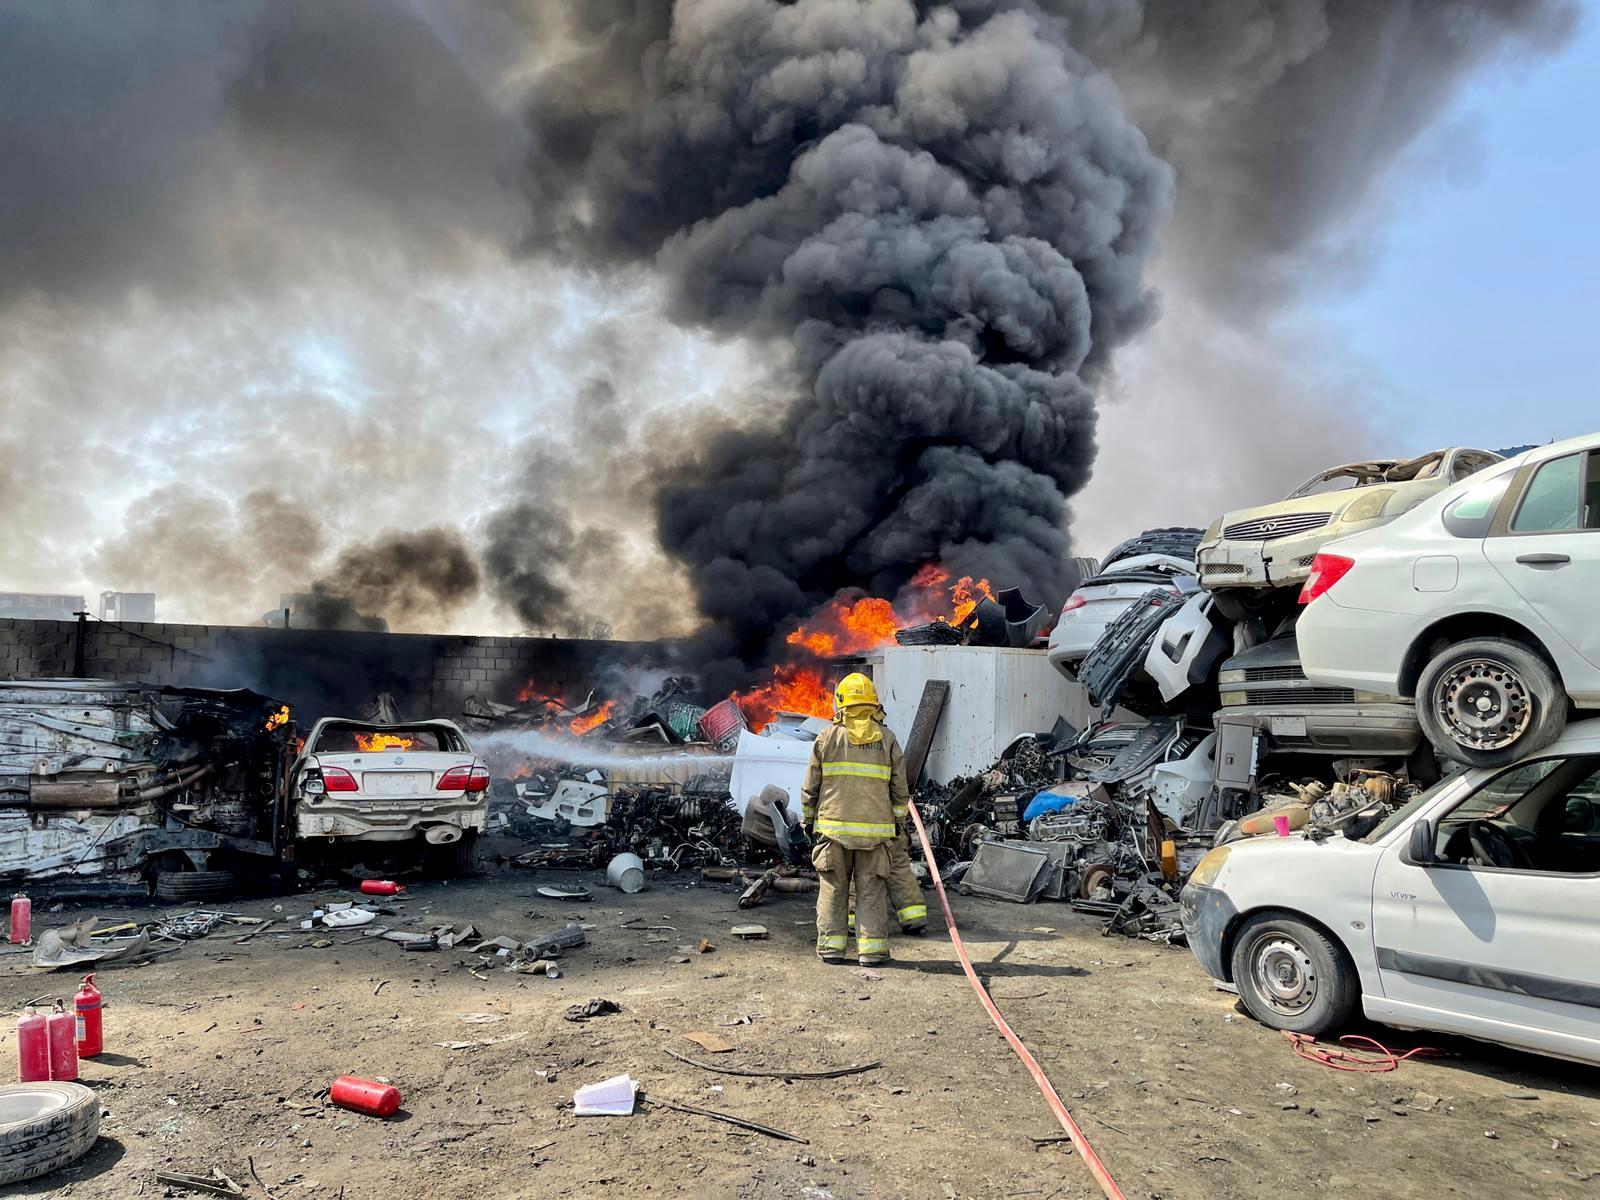 ٢٠٢١٠٧٢٥ ١٢٣٦١٩ - أربعة فرق إطفاء تسيطر على حريق اندلع في سكراب النعايم.   #العبدلي_نيوز